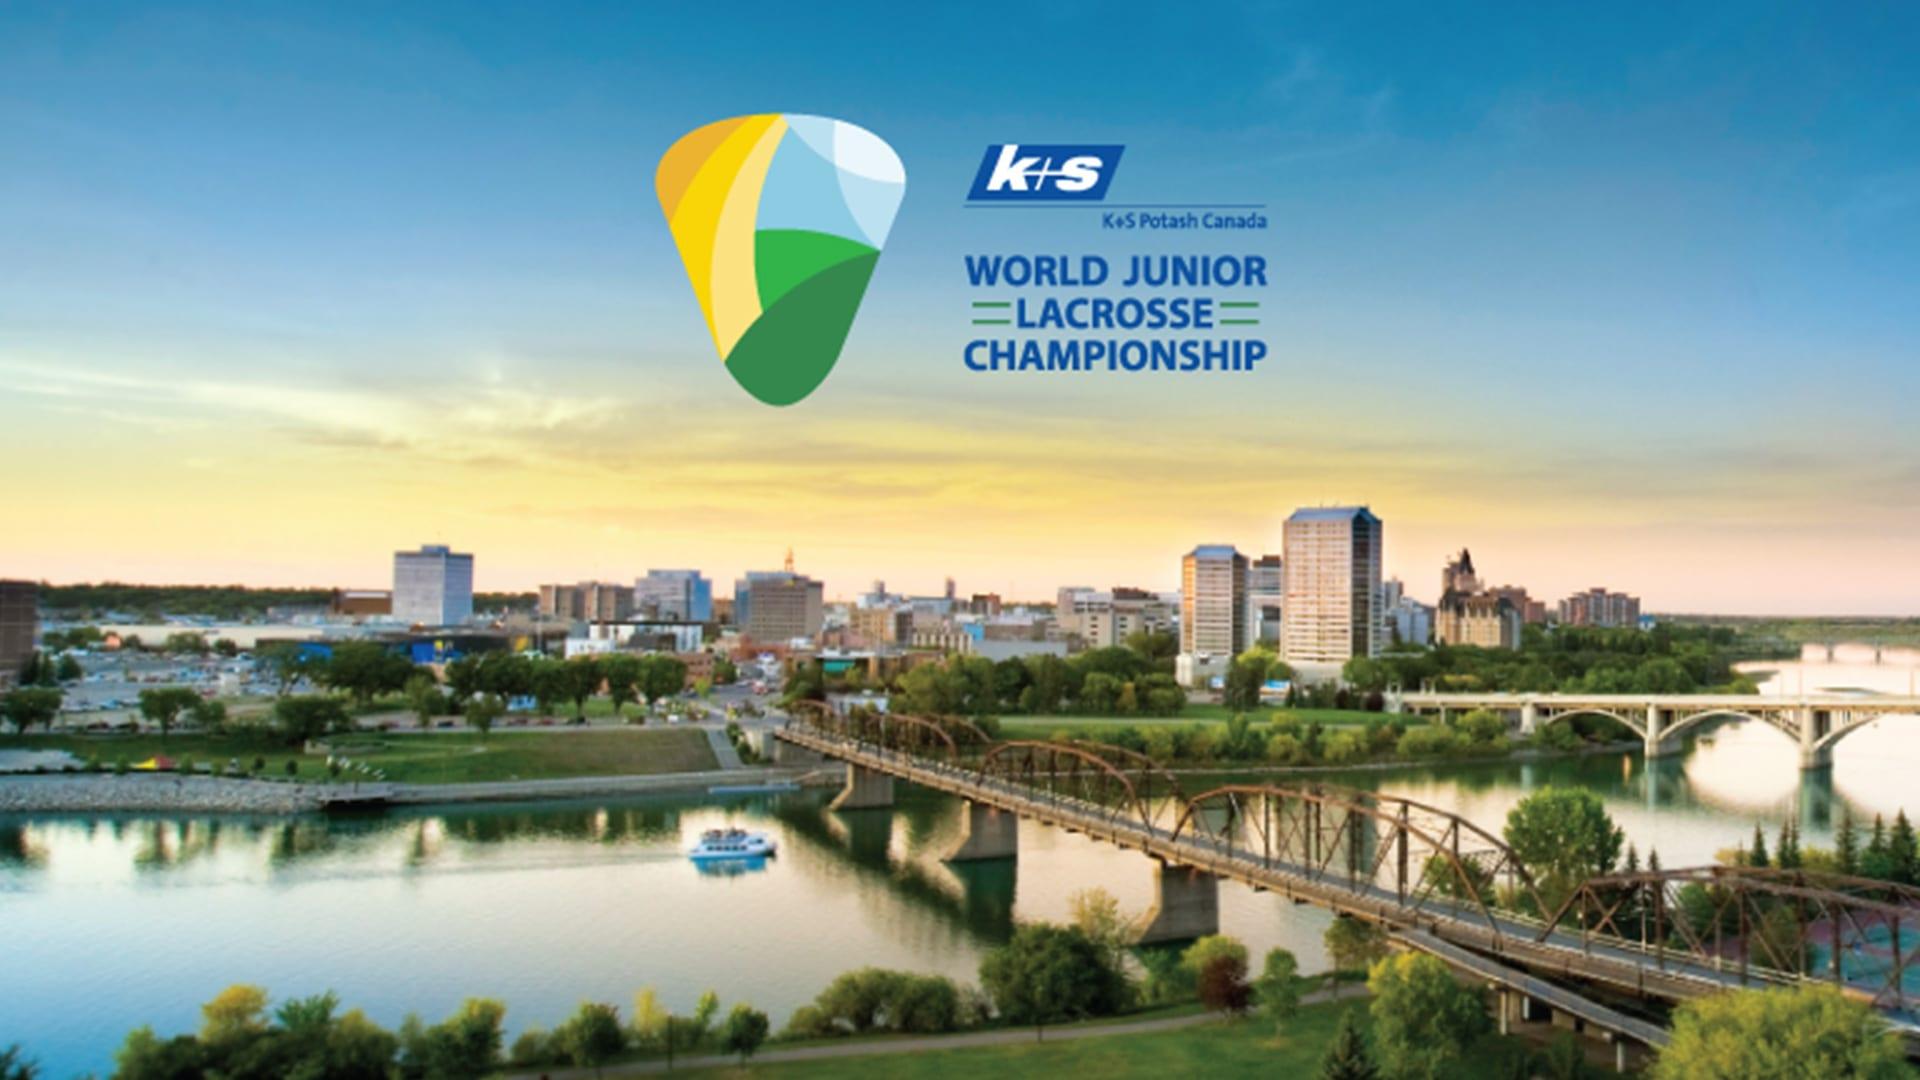 World Junior Lacrosse